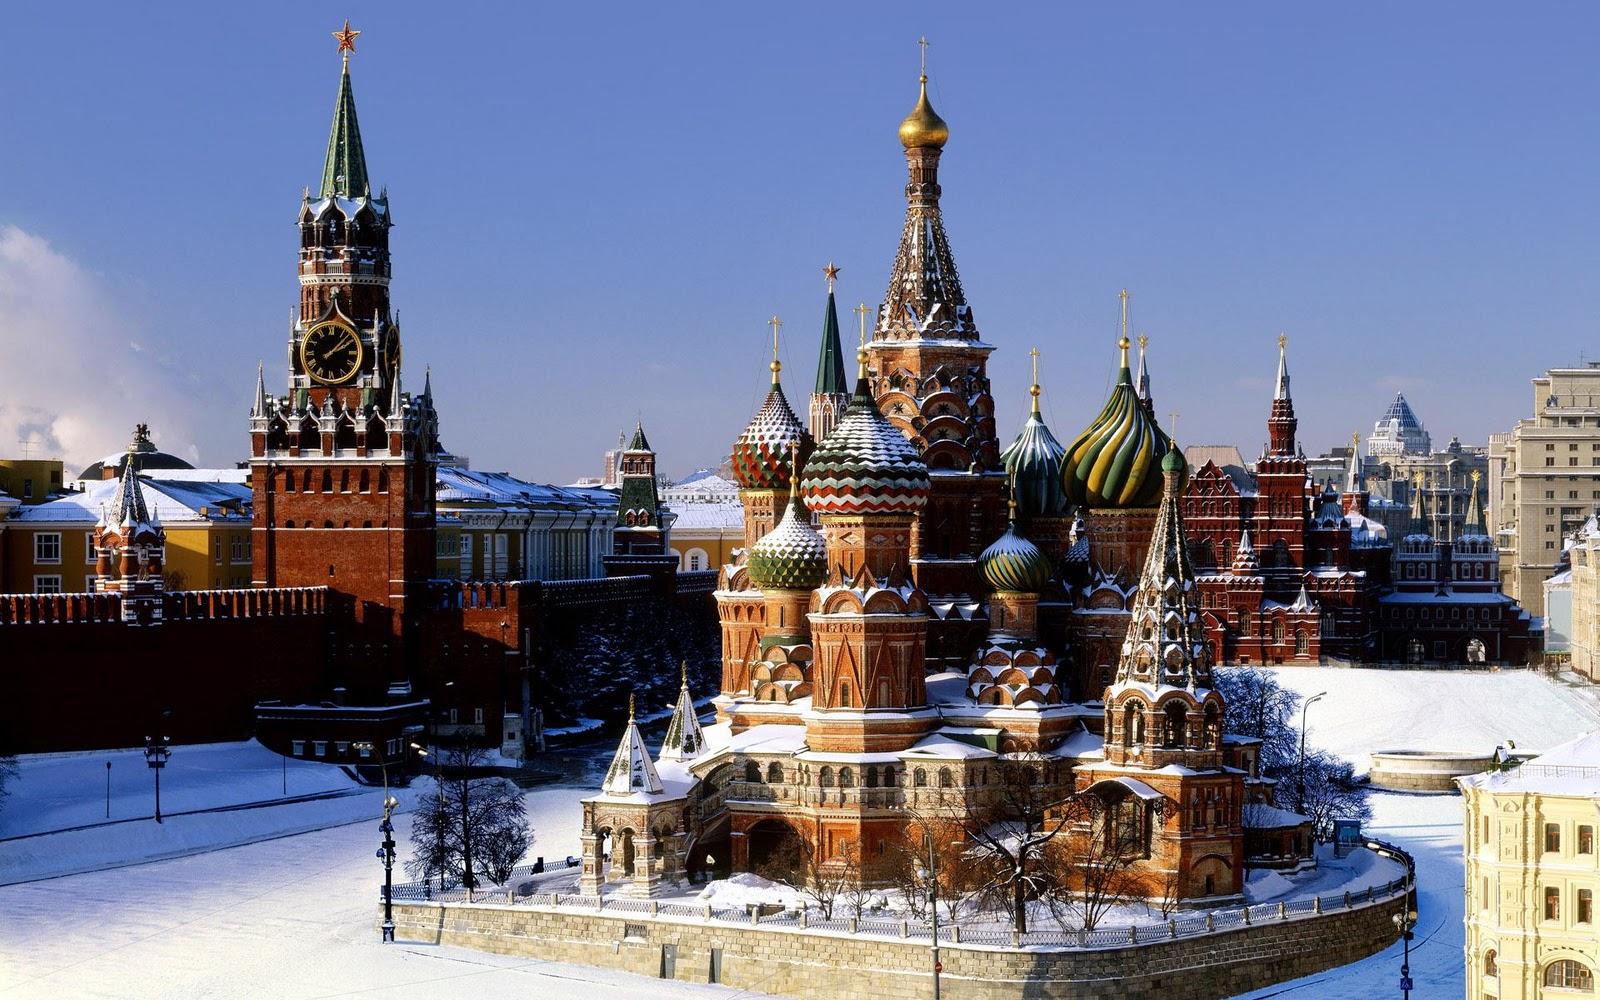 http://4.bp.blogspot.com/-Ozac54882sQ/TV2rn76LRQI/AAAAAAAAA90/Zj76l9RJD0A/s1600/Russia-Wallpaper_18220114.jpg